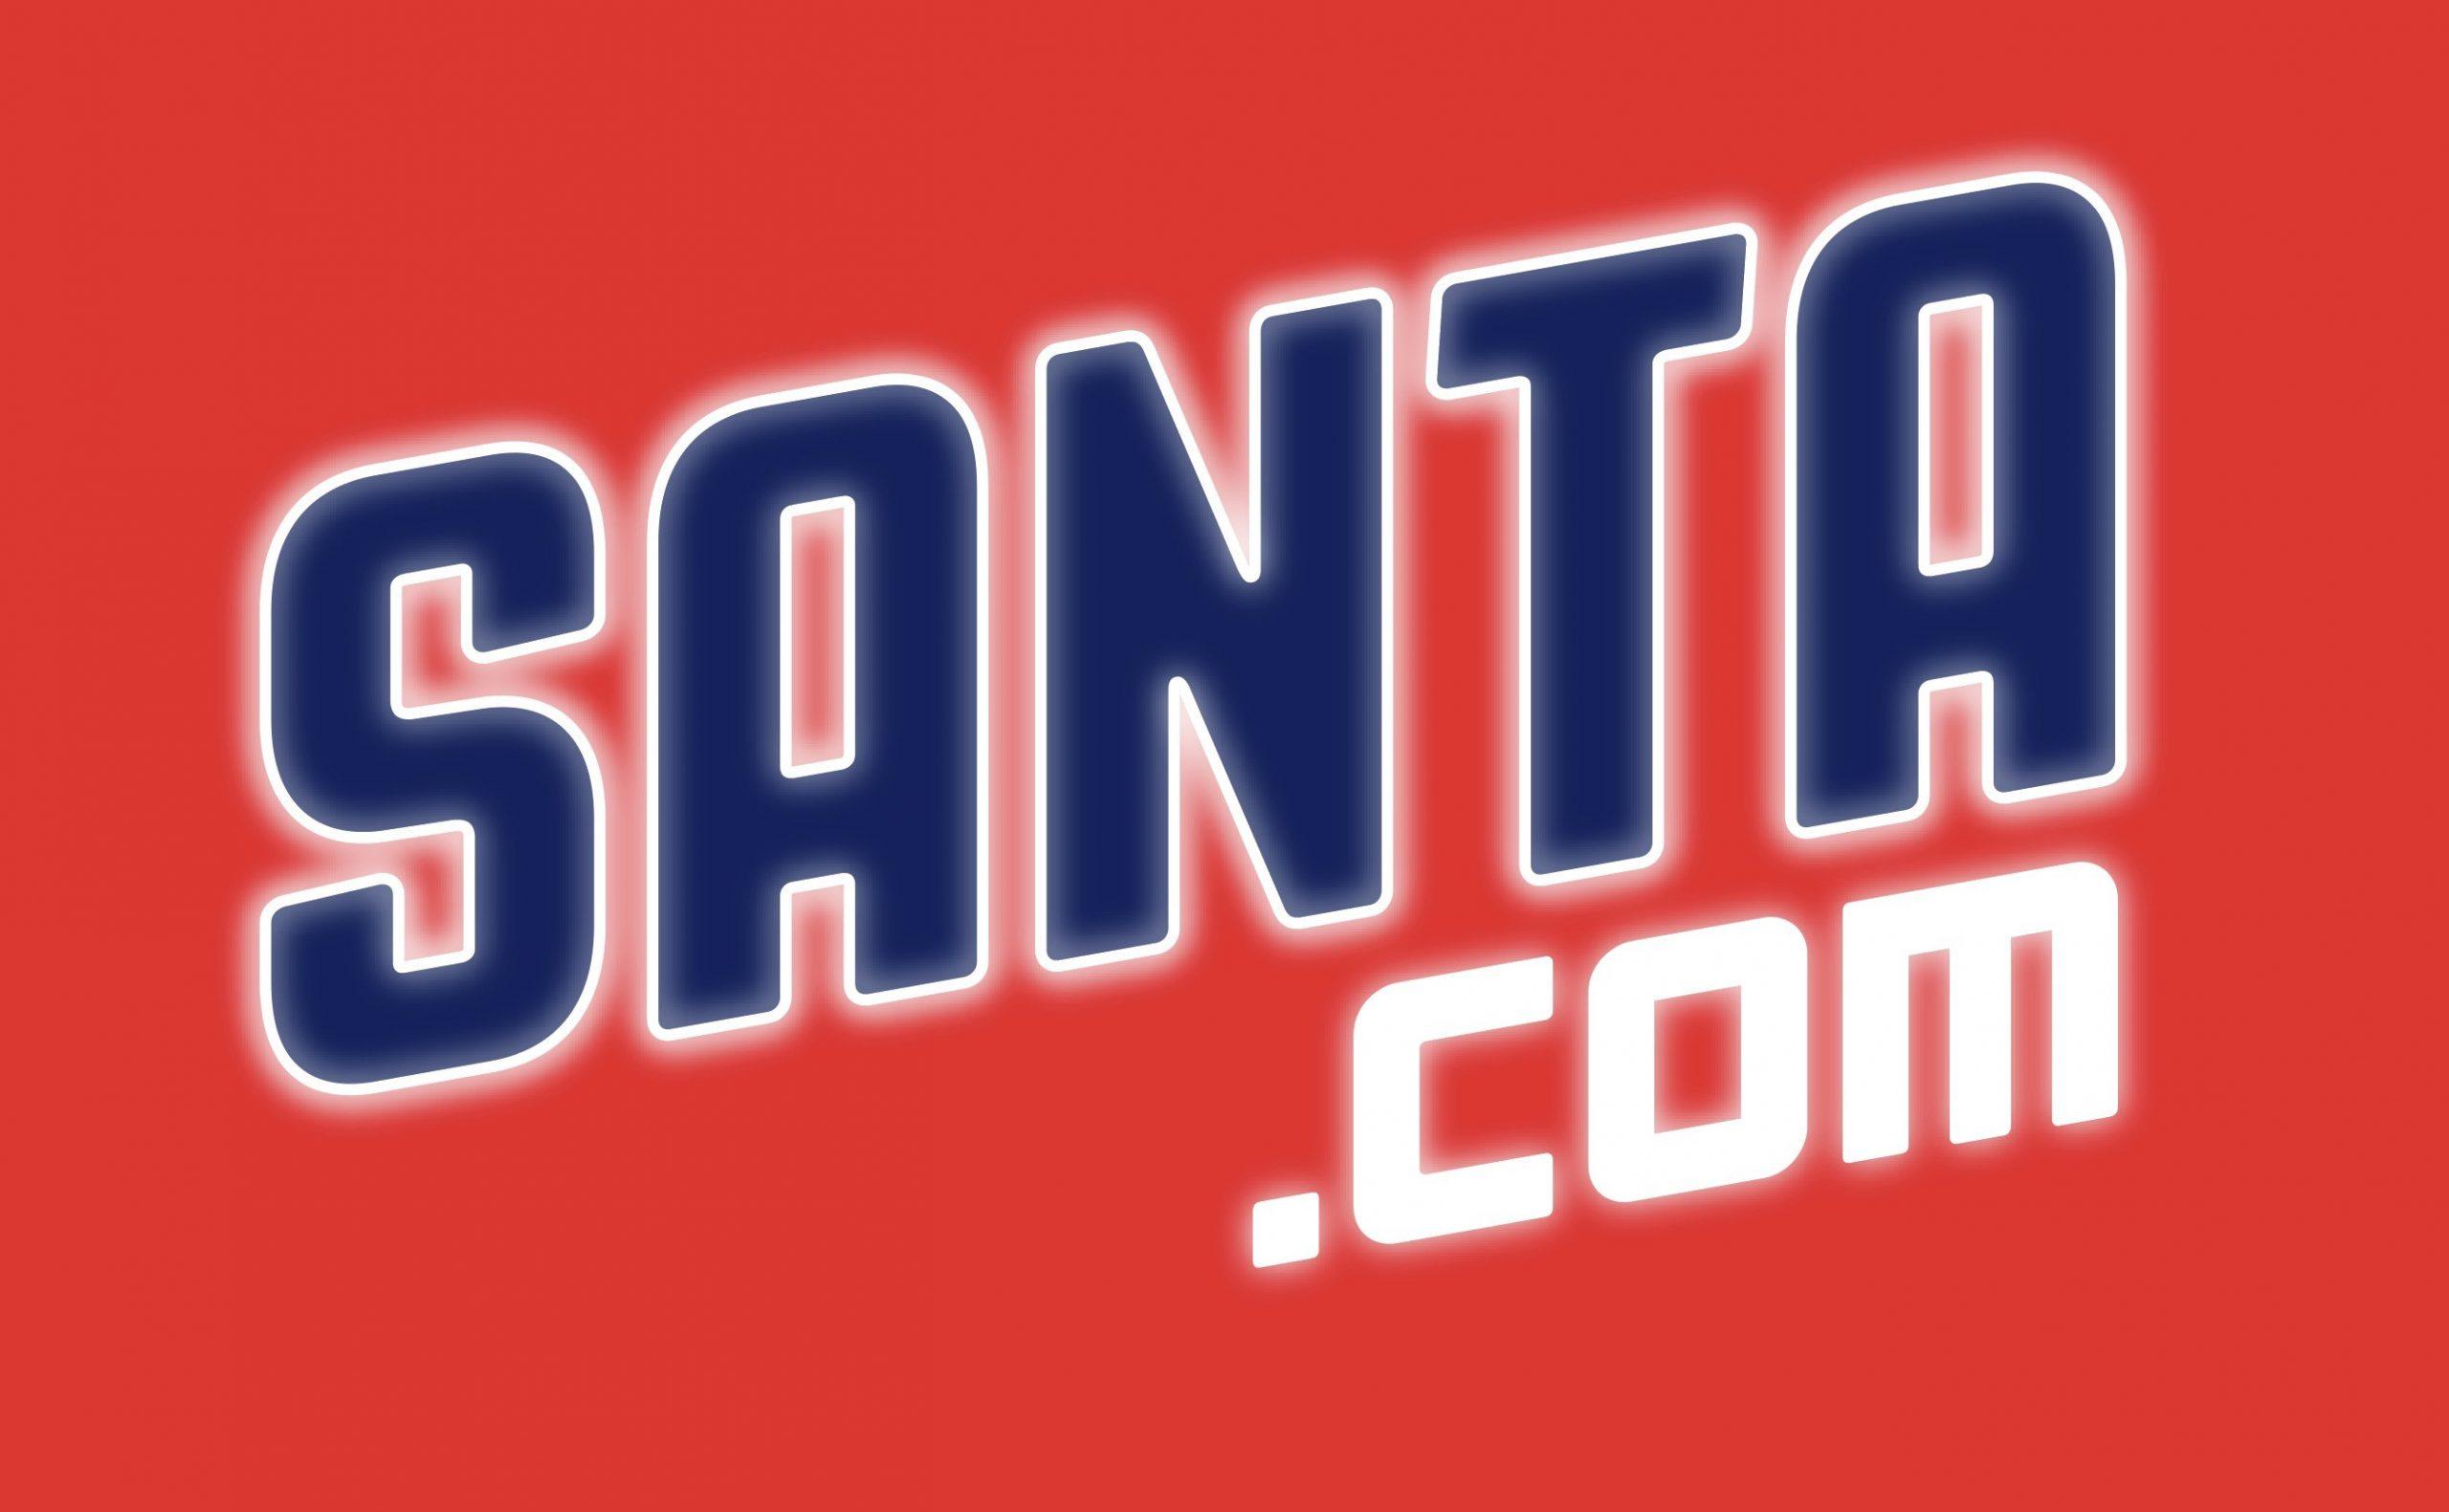 Santa.com a CGI Animated Musical Christmas Special 1